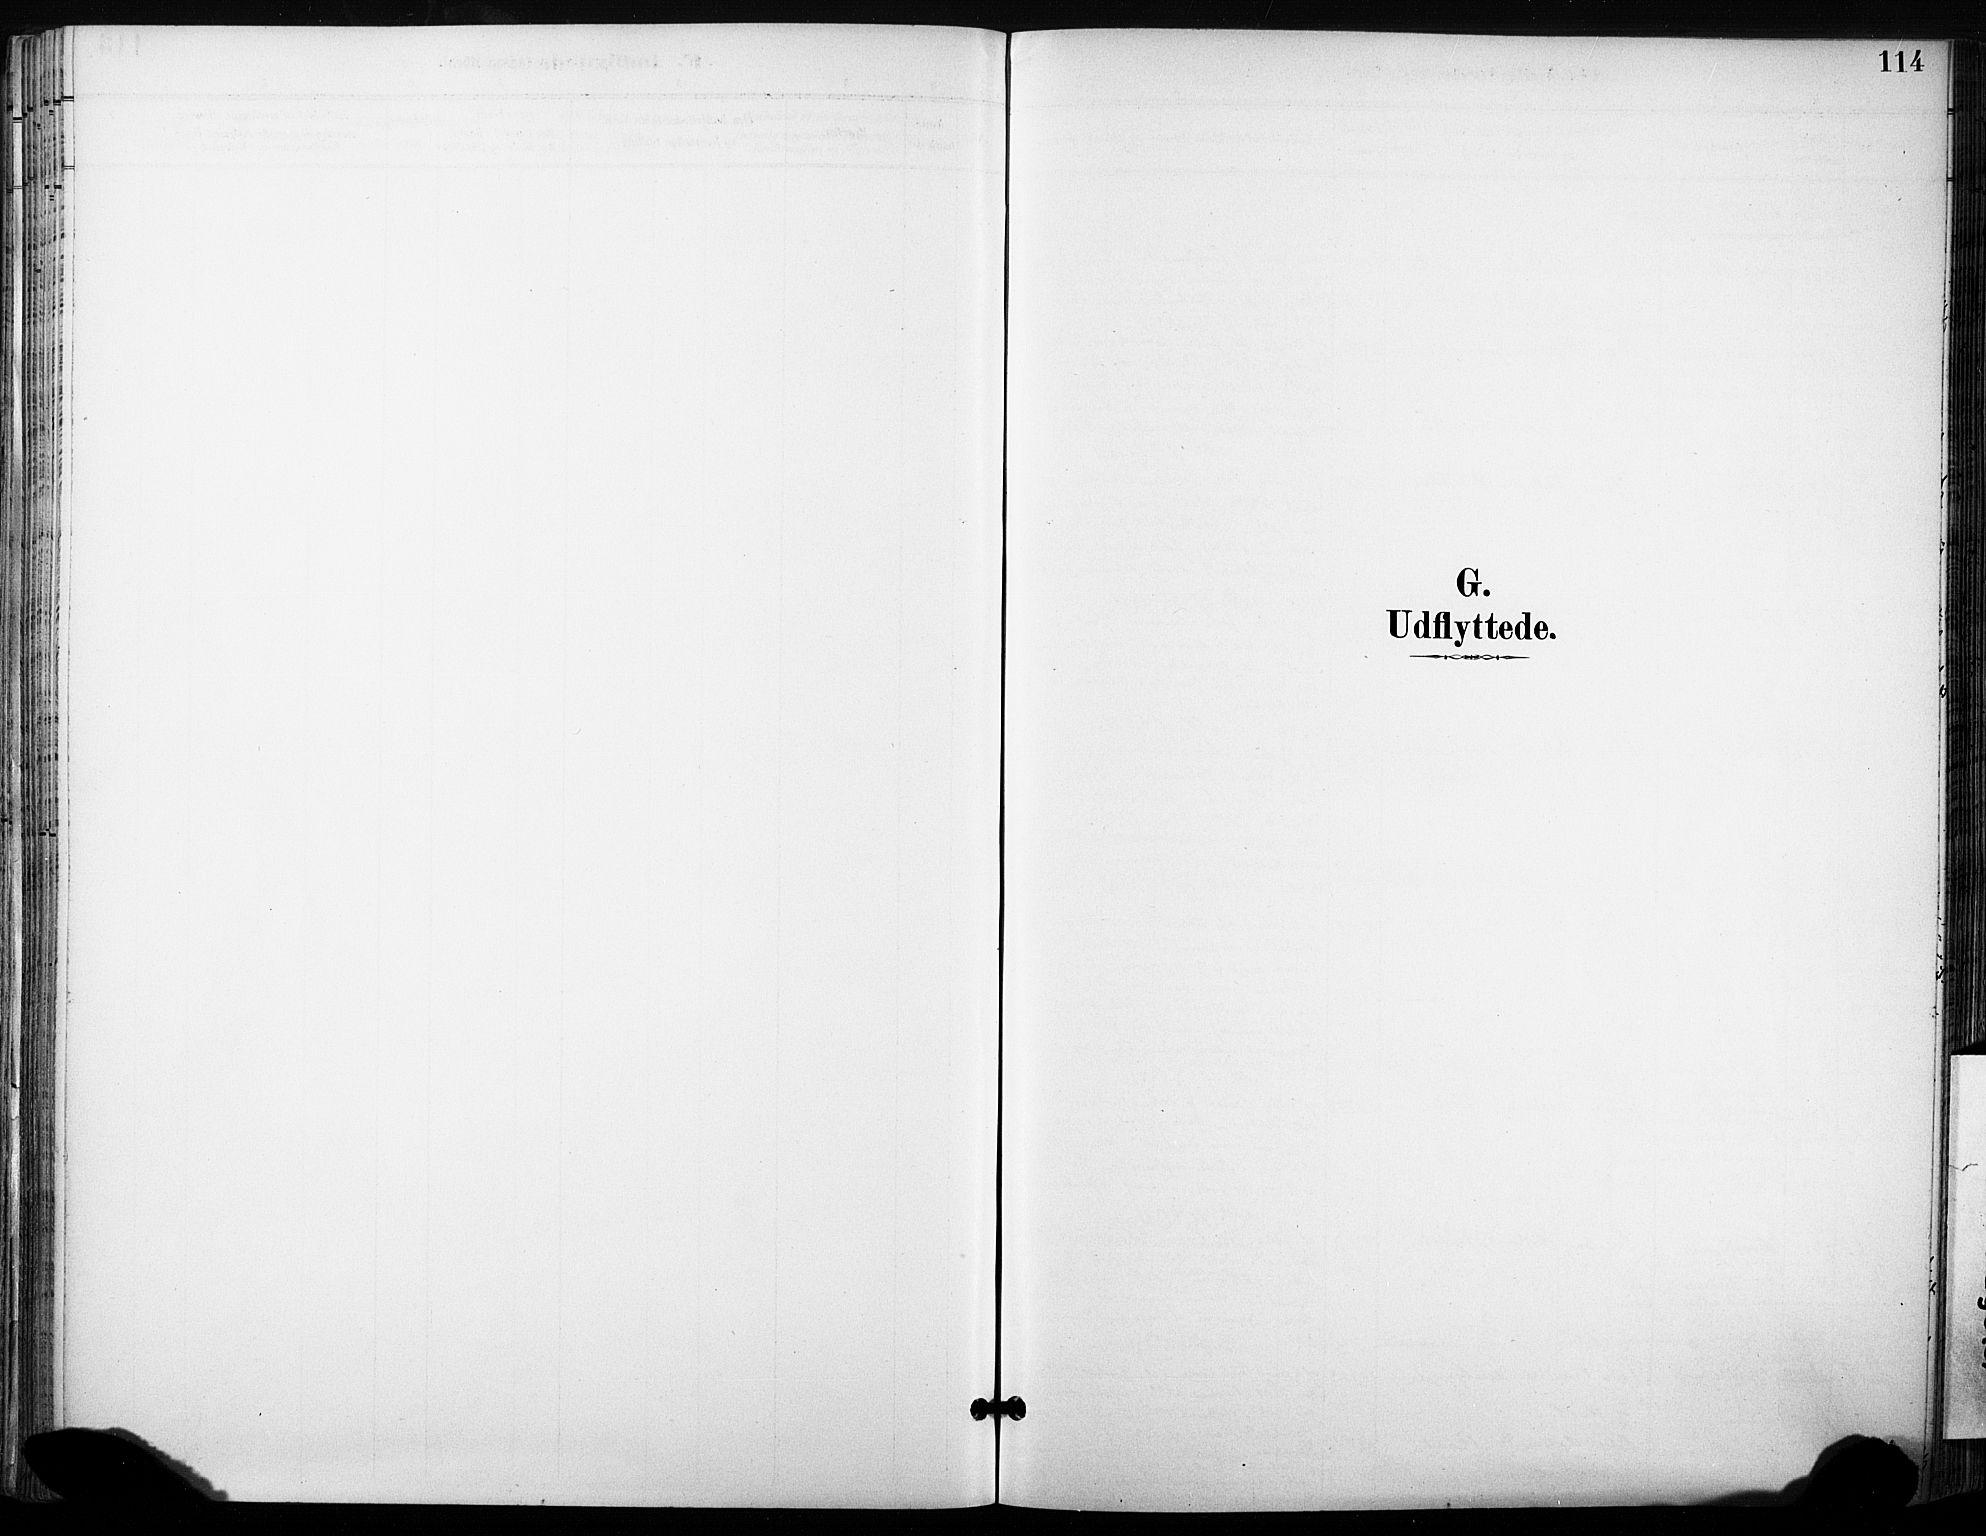 SAT, Ministerialprotokoller, klokkerbøker og fødselsregistre - Sør-Trøndelag, 685/L0973: Ministerialbok nr. 685A10, 1891-1907, s. 114